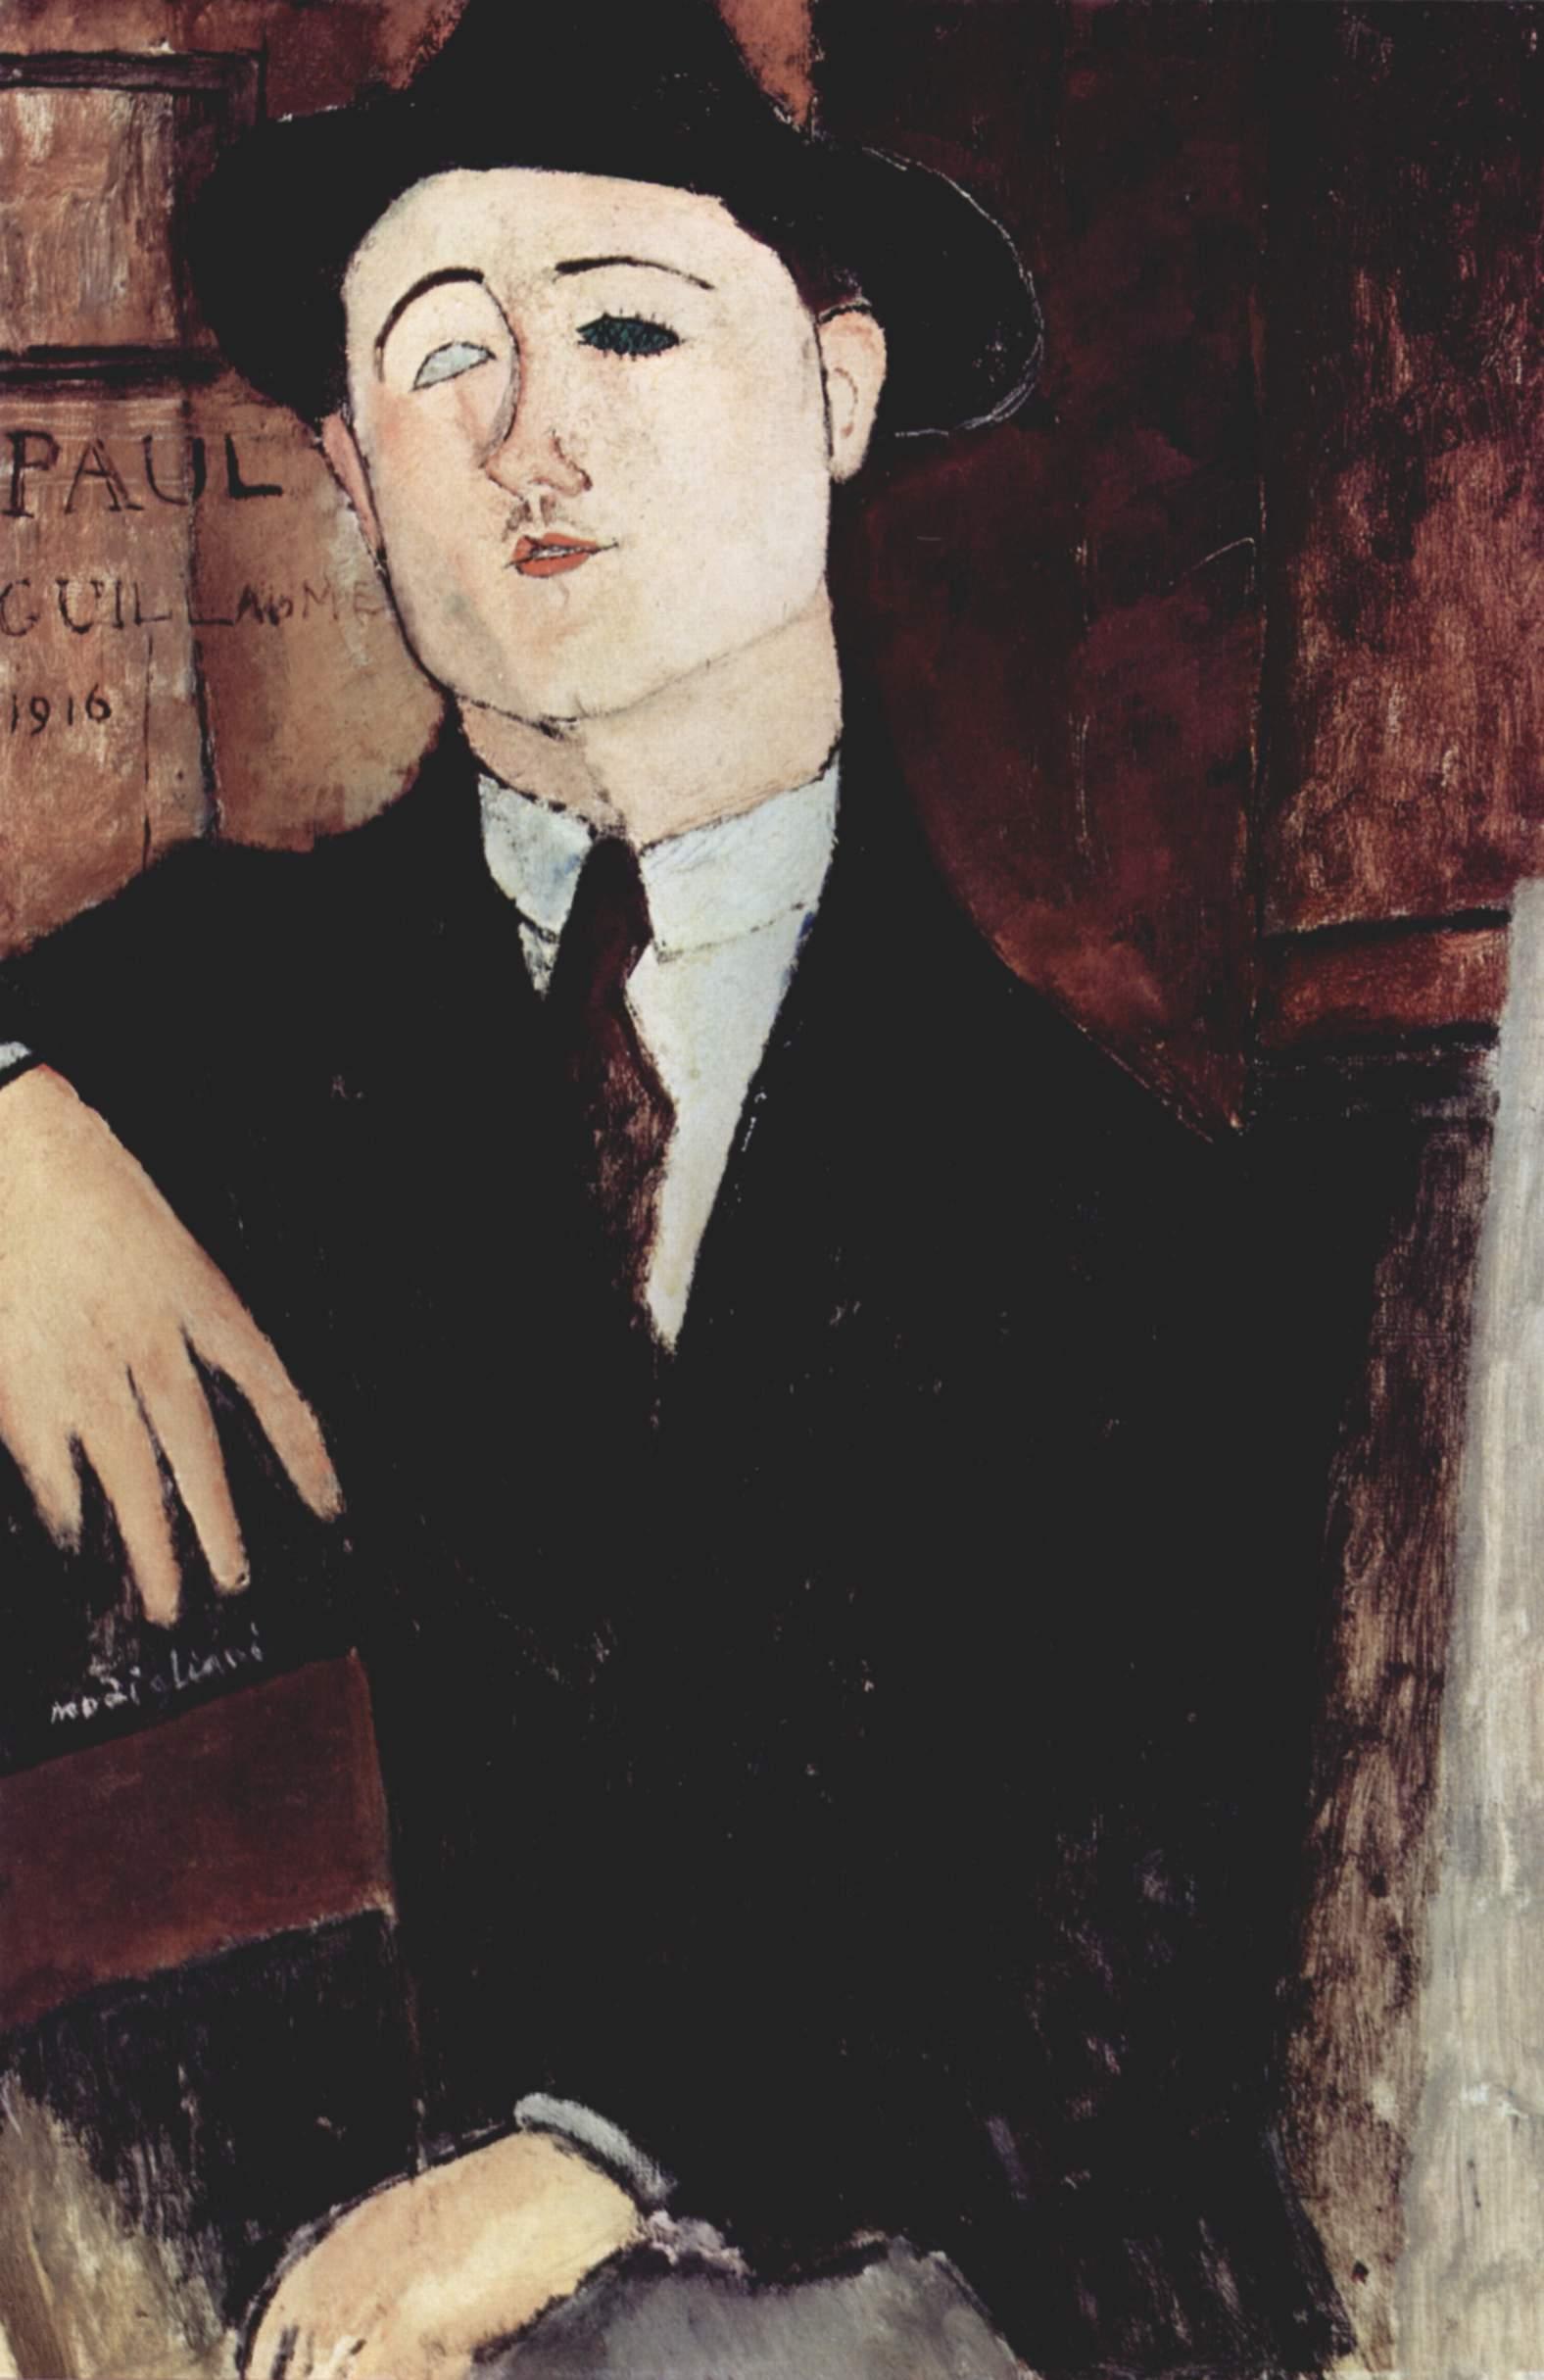 Amedeo Modigliani, Ritratto di Paul Guillaume (1916; olio su tela, 81 x 54 cm; Milano, Museo del Novecento)